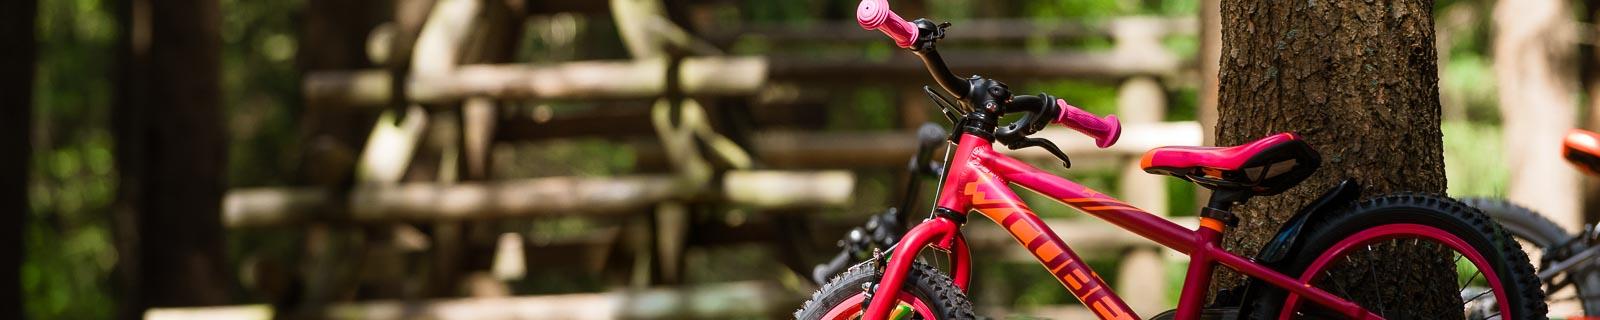 Bicicleta para niños 16 pulgadas